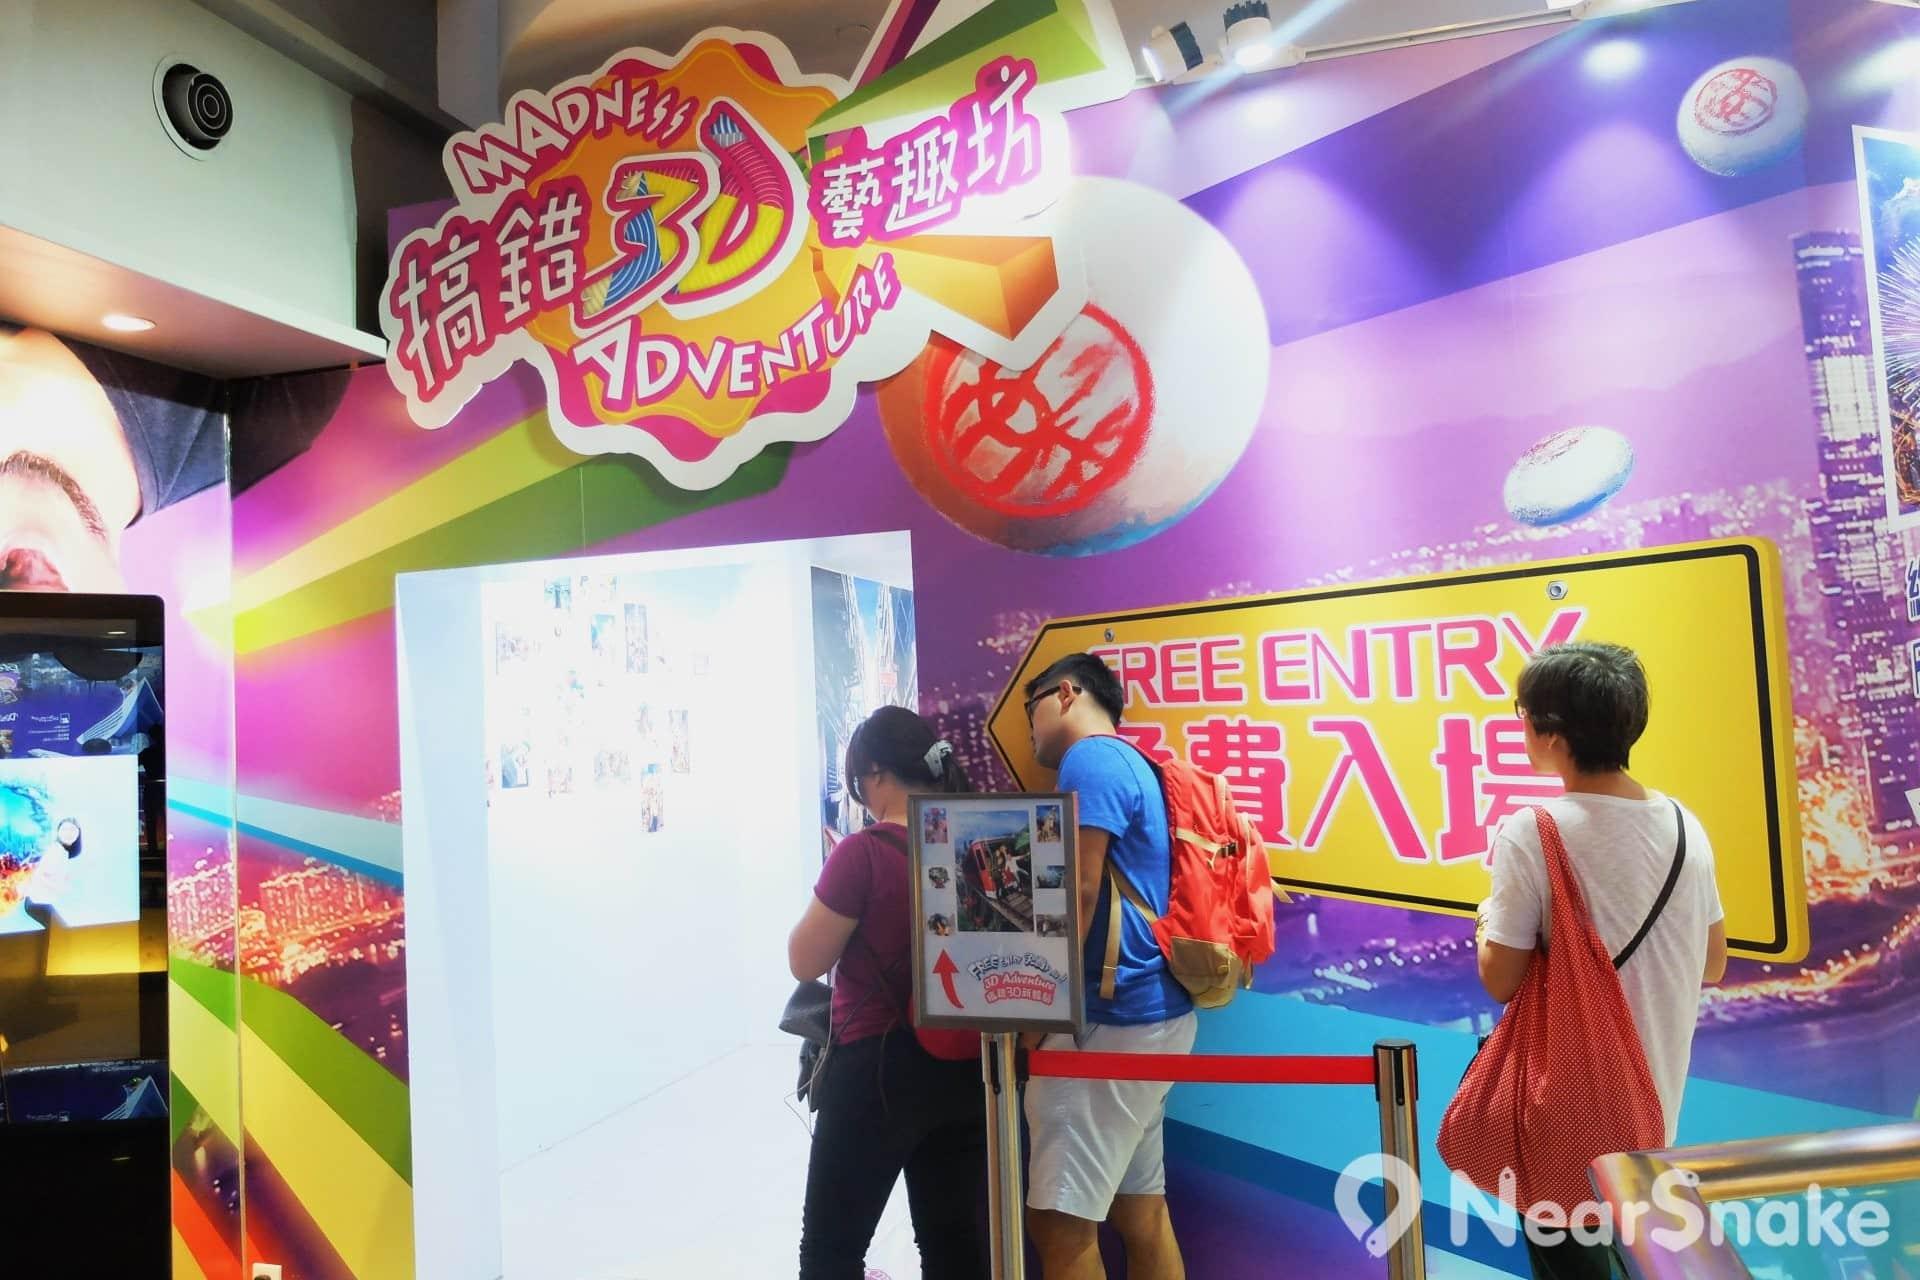 凌霄閣內開設了「搞錯 3D 藝趣坊」,大玩立體錯覺效果,煞是有趣。最重要的是可免費進場,內裡設有逾 20 個香港本地的錯覺場景,大部分可供免費拍照,只有三、四個需要付費。